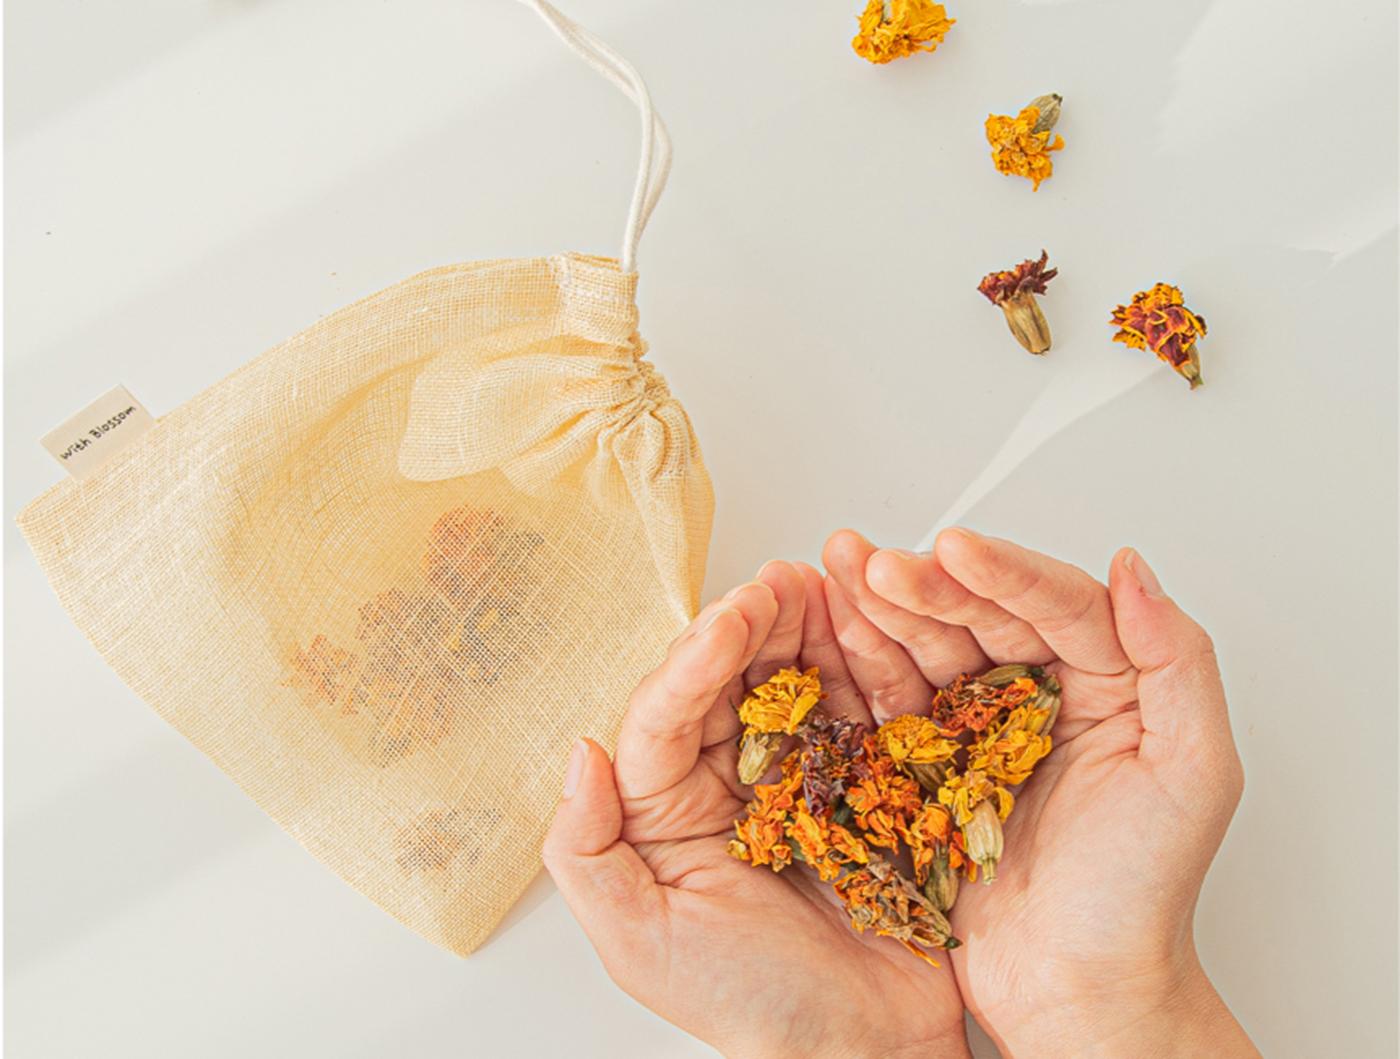 메리골드&라벤더 천연 입욕제/직접 재배한 메리골드 천연 입욕제(메리골드10g+라벤더2g) 상세이미지1